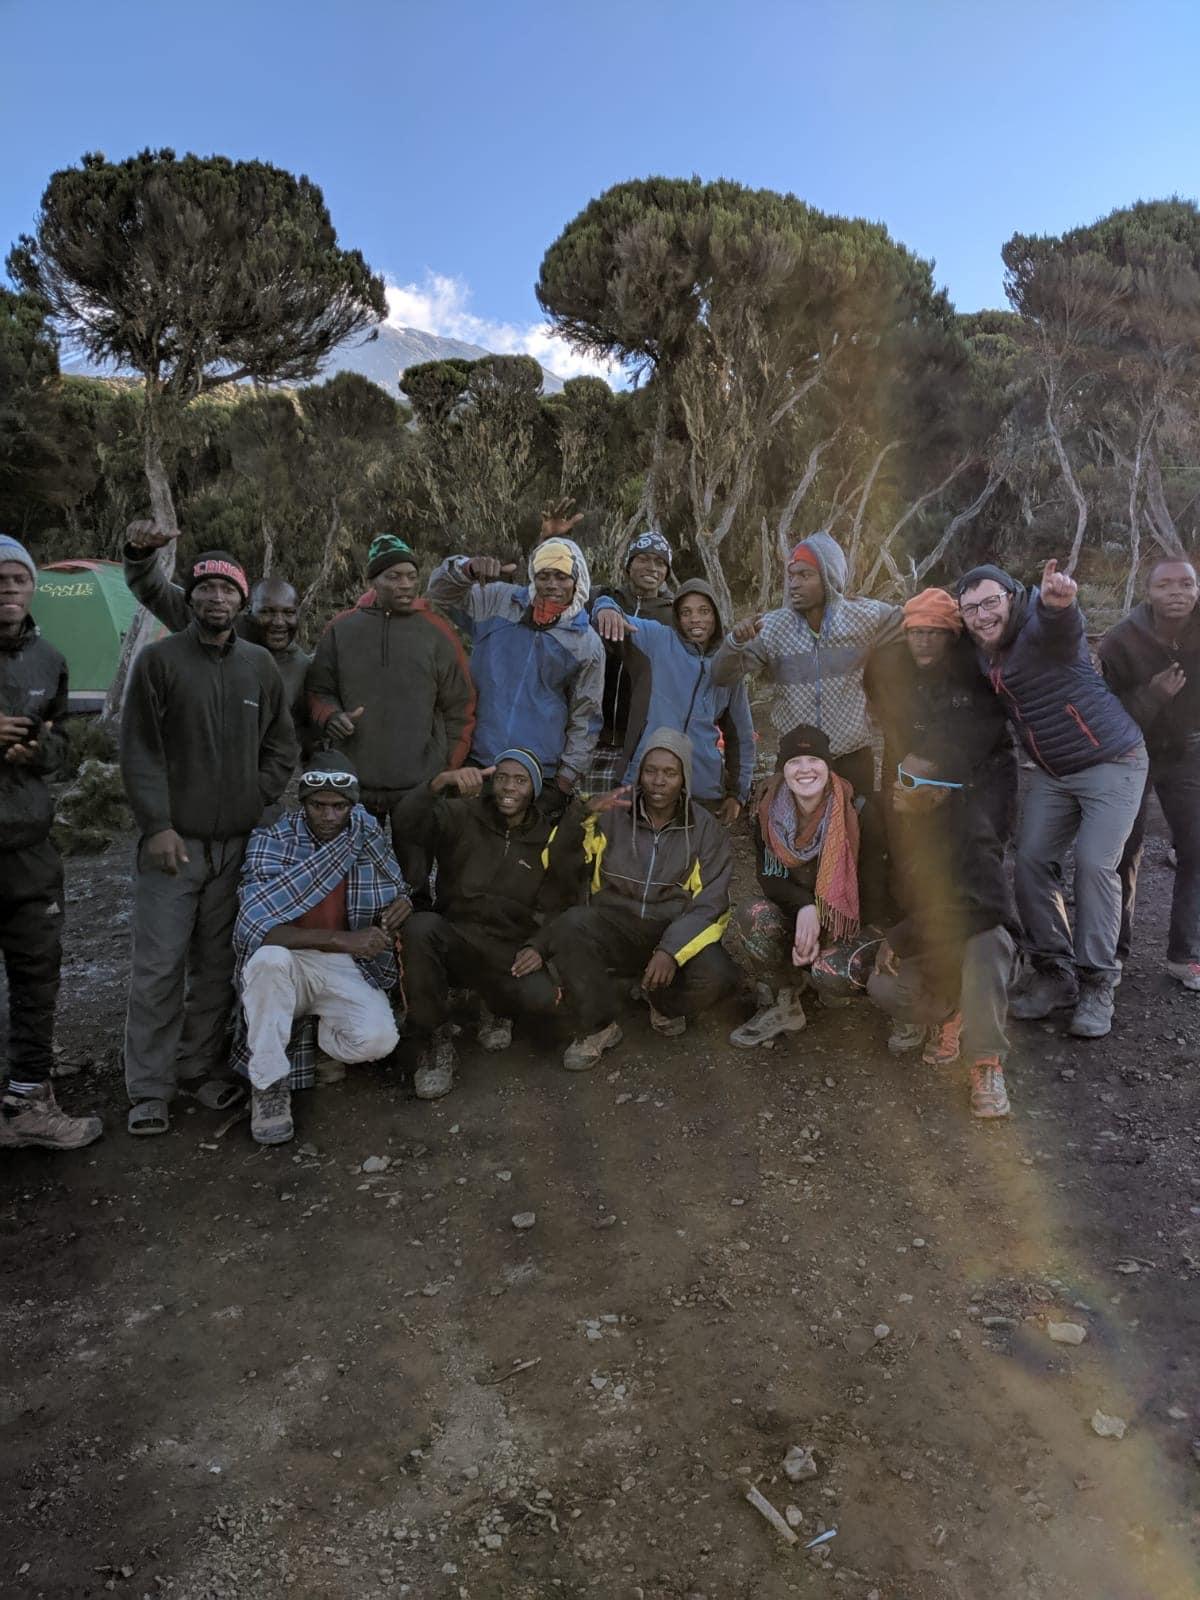 Mount Kilimanjaro Lemosho trek